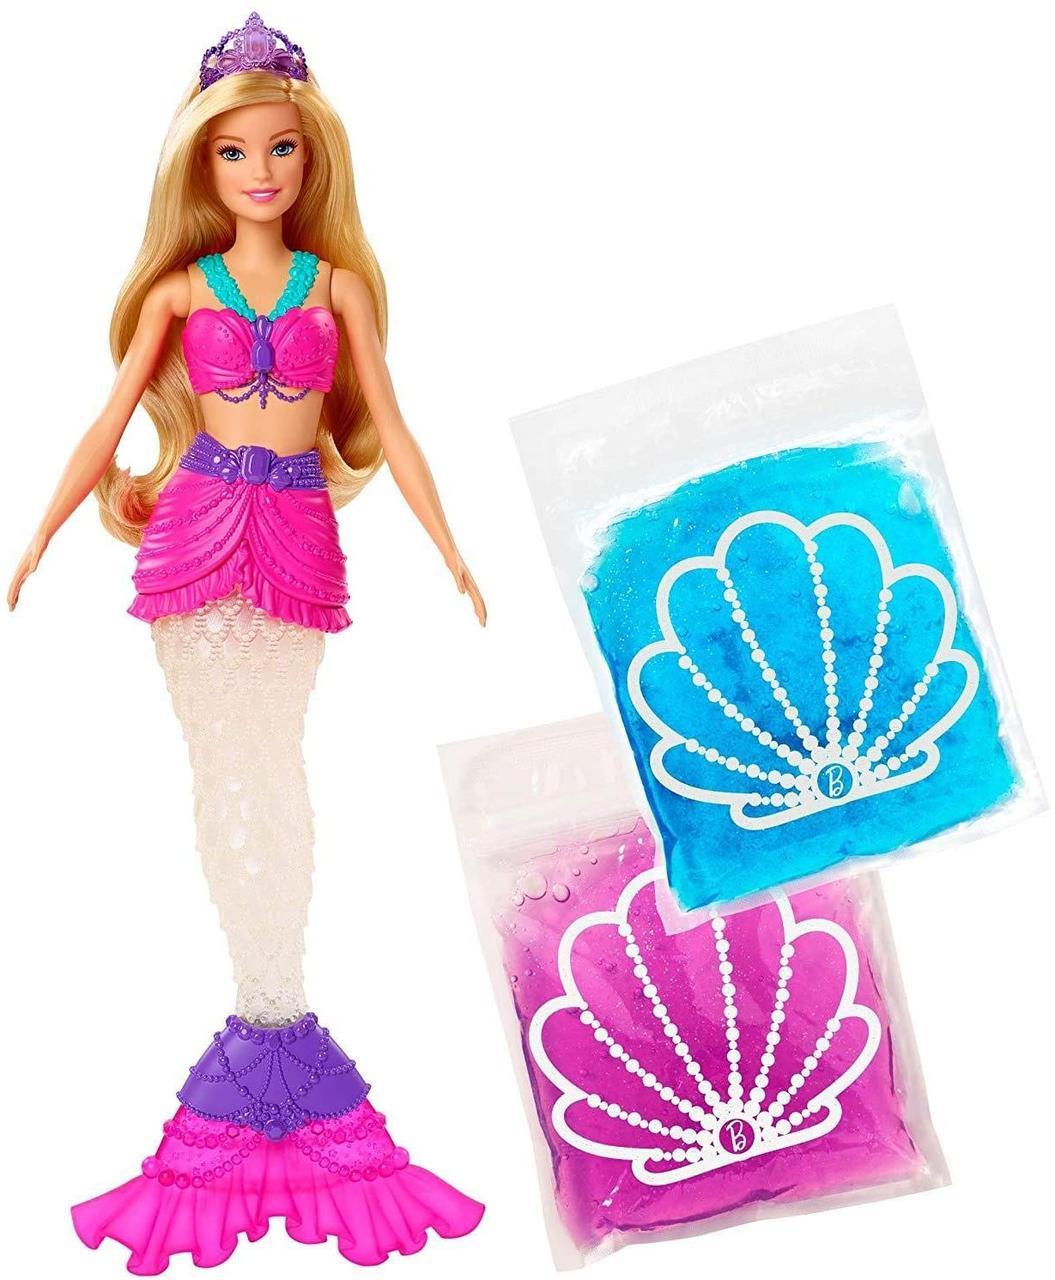 Лялька Барбі Русалка Русалочка зі слаймом Дрімтопія Неймовірні кольори Barbie Dreamtopia Slime Mermaid GKT75